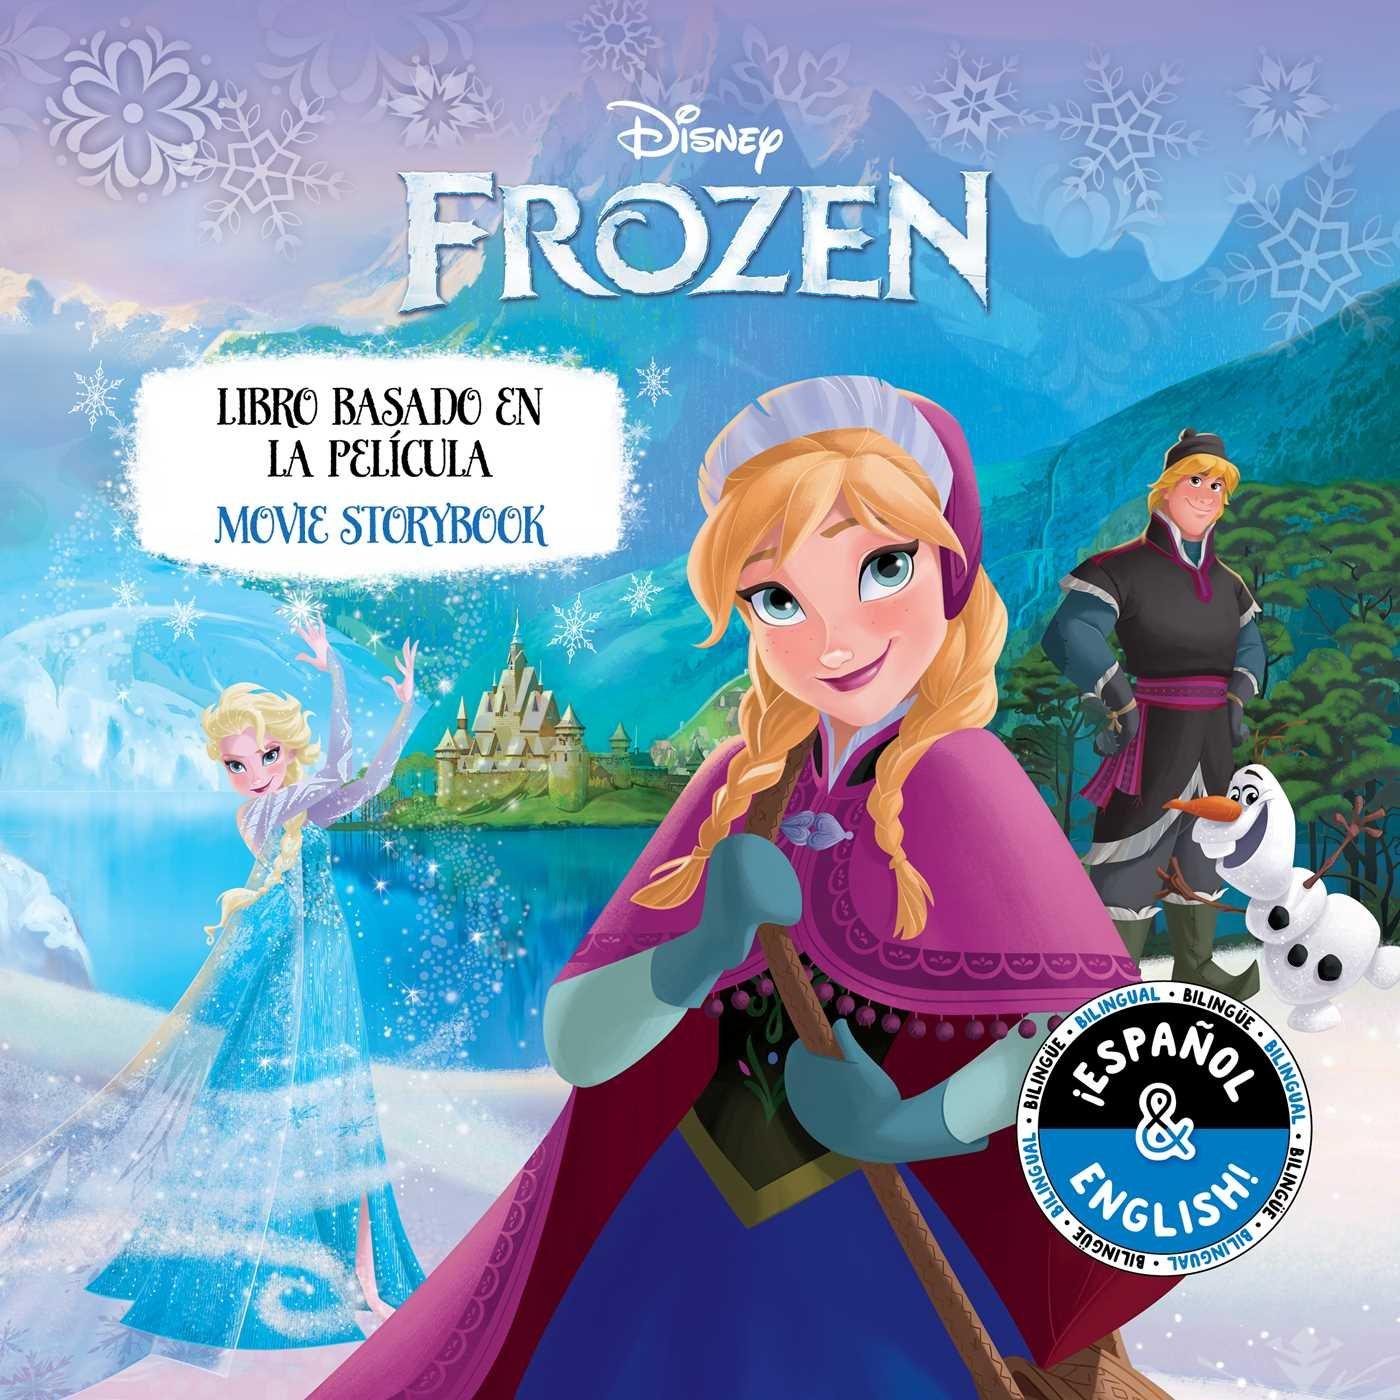 Share your Disney frozen movie